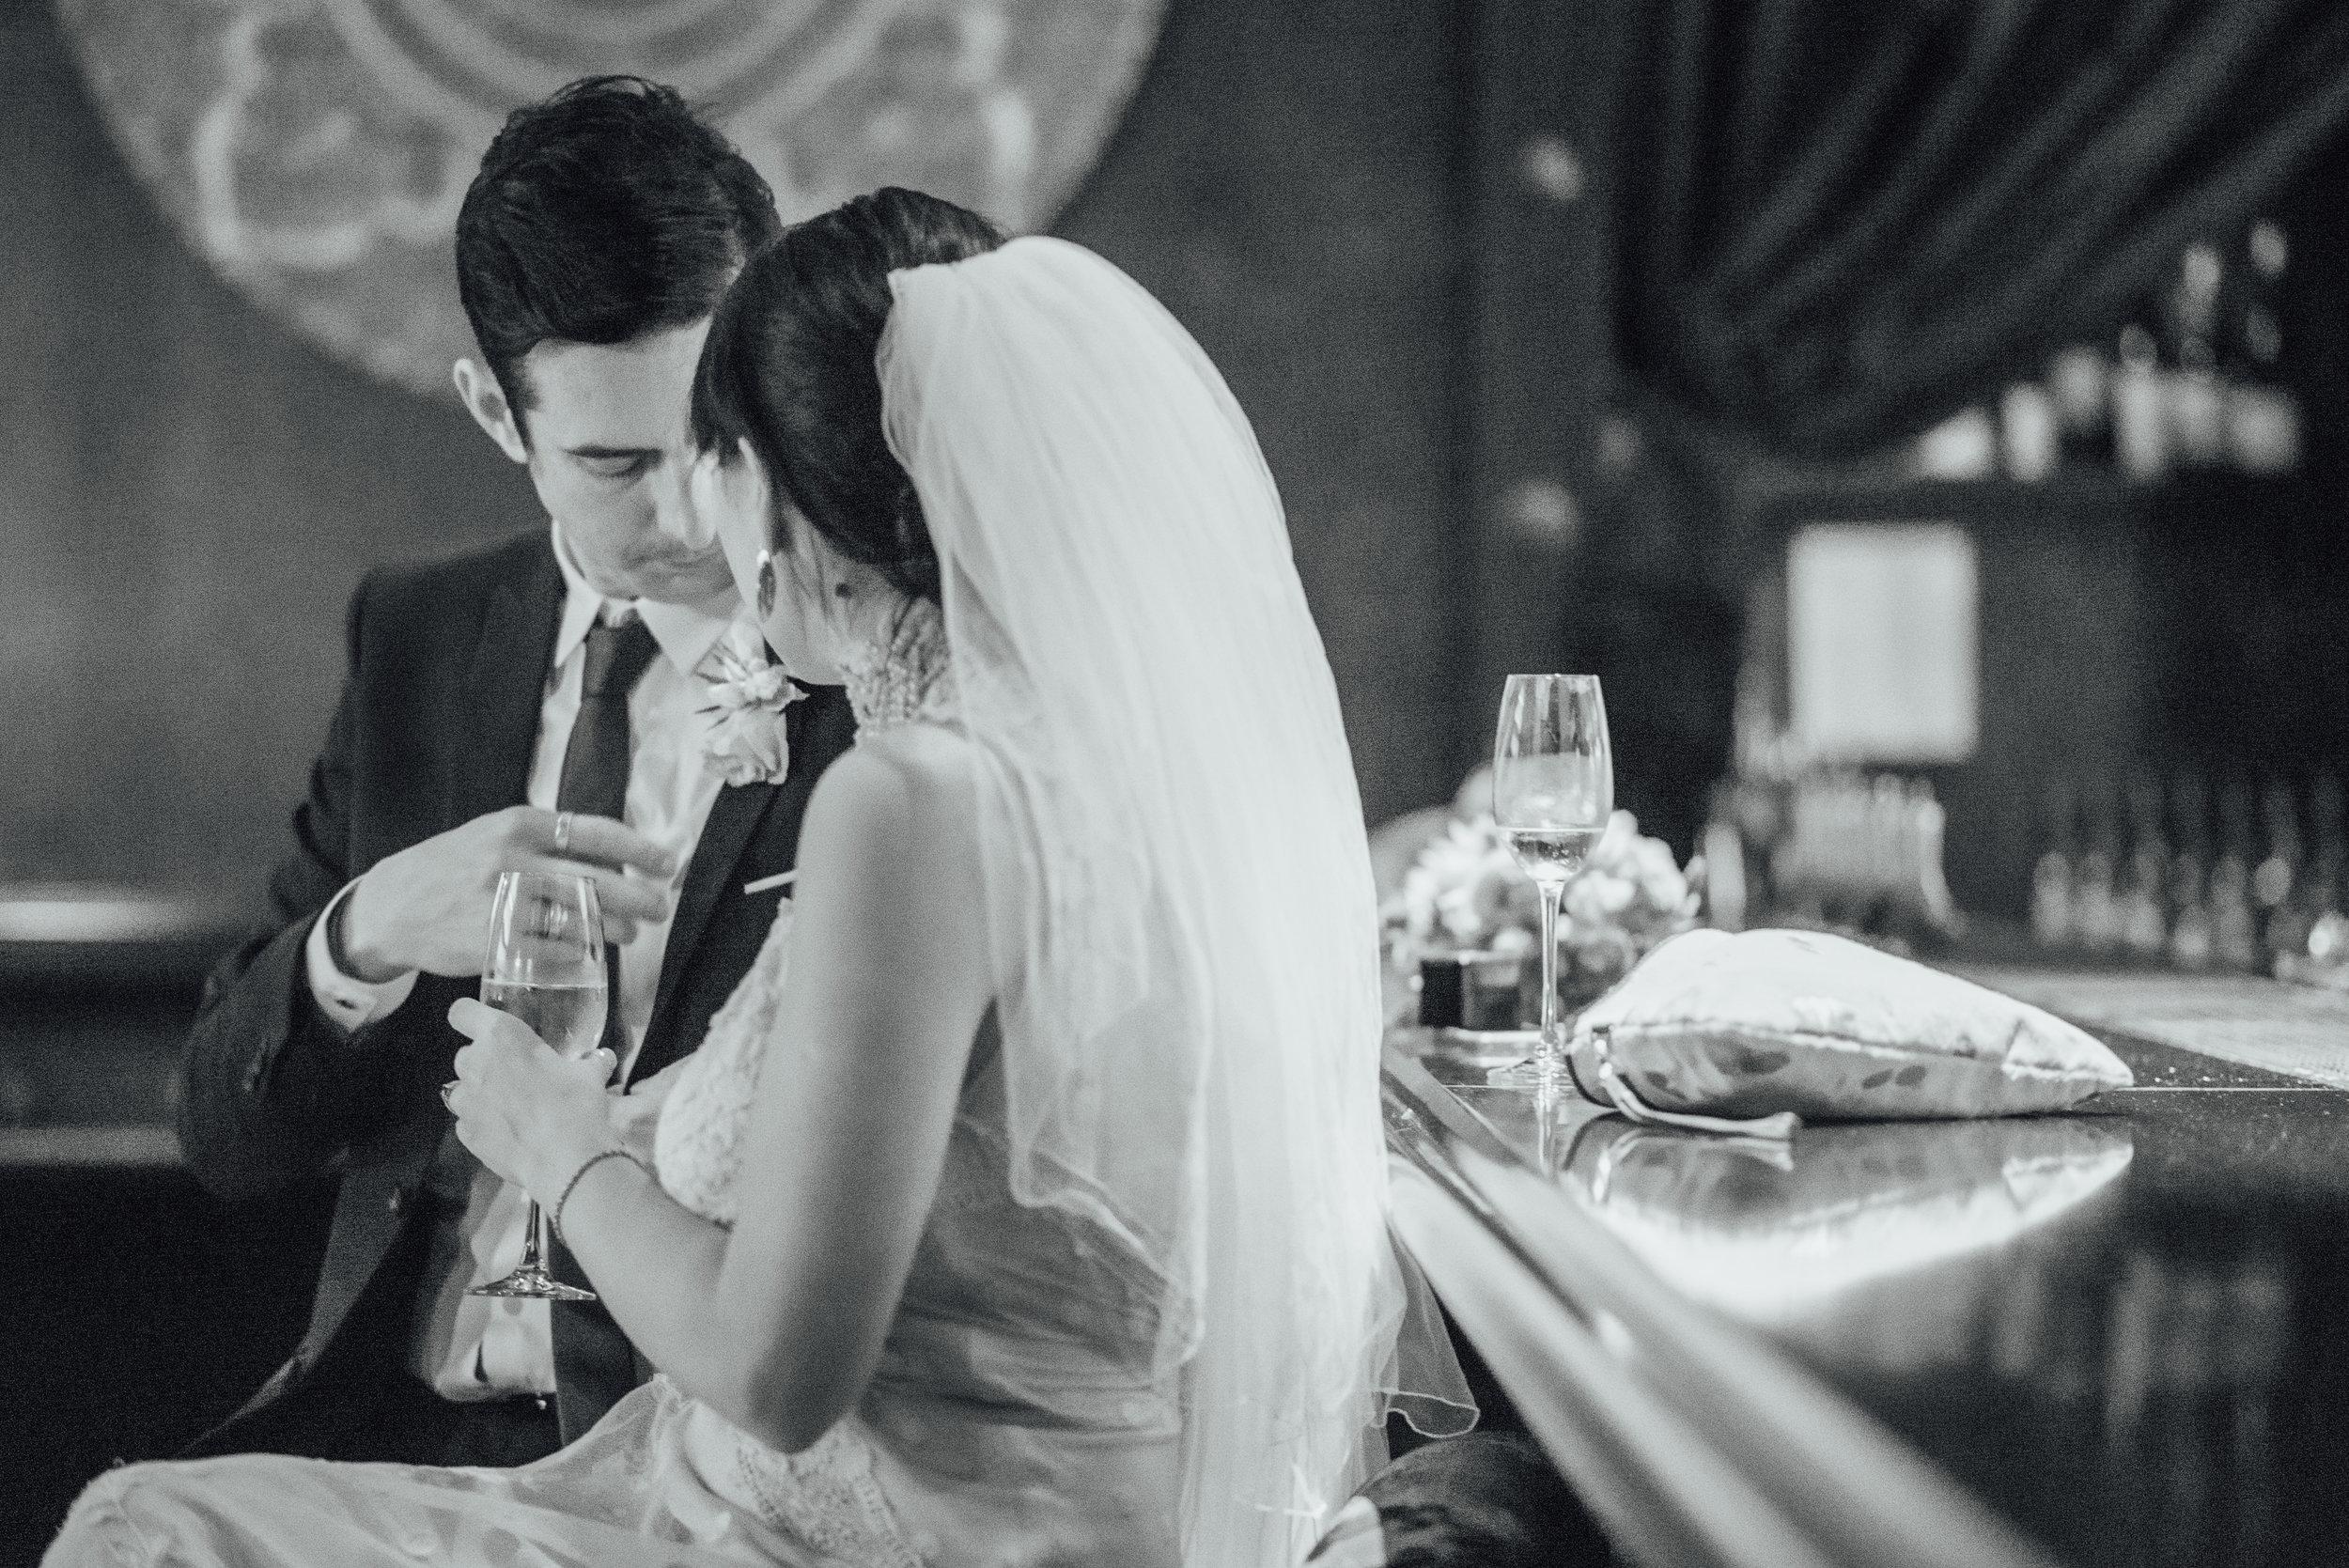 cleland-studios-weddings-11.jpg